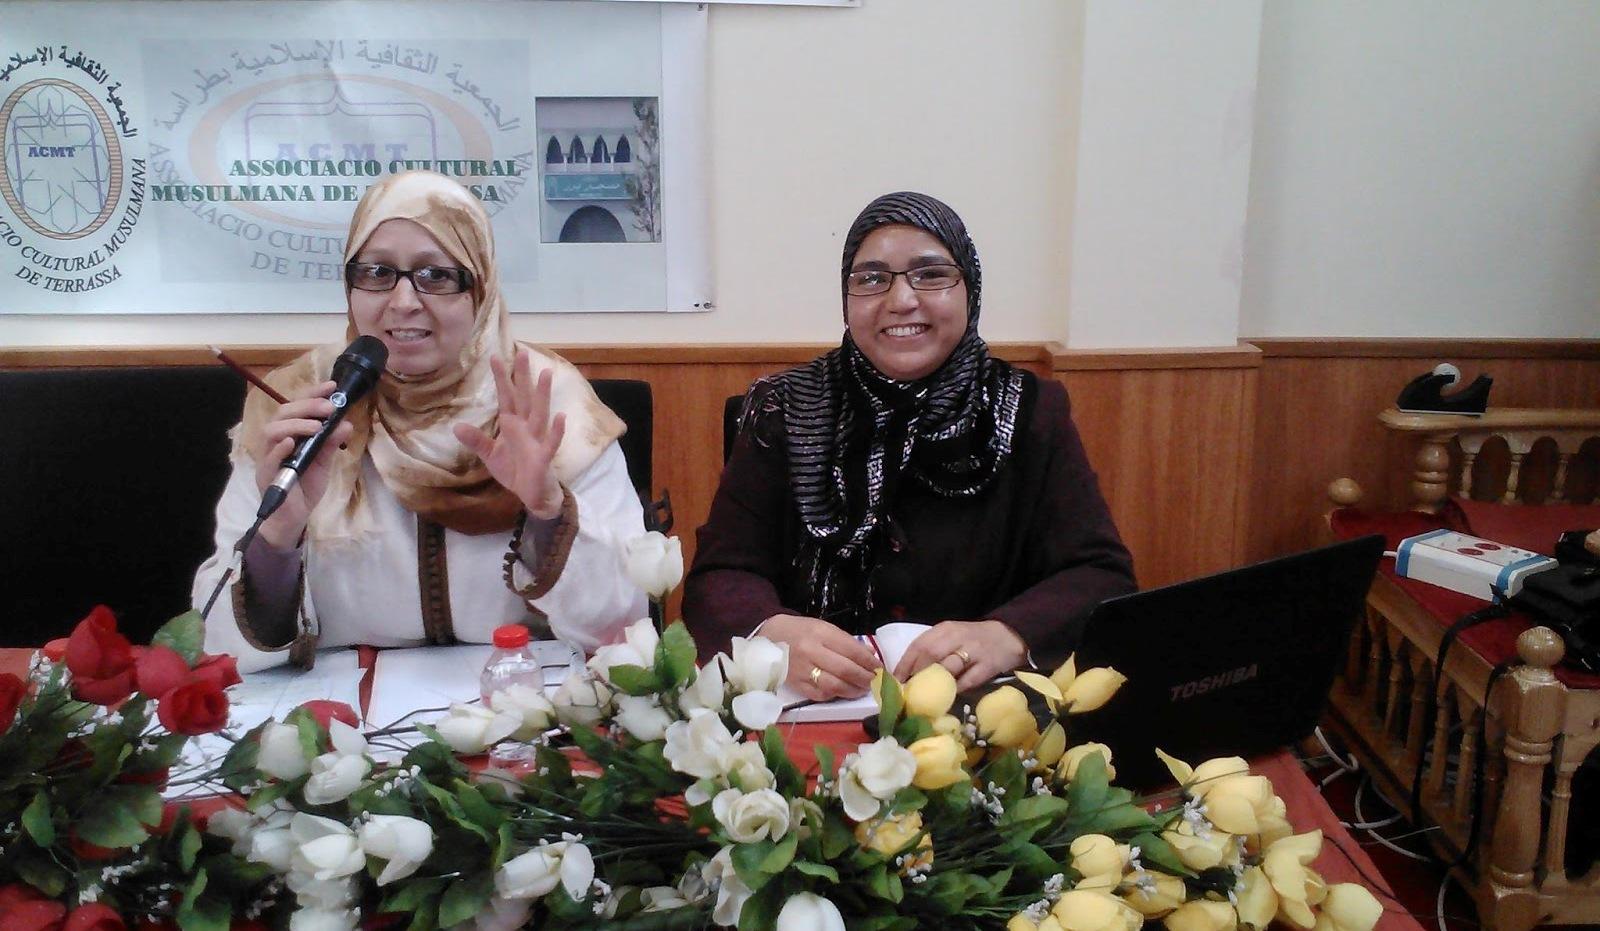 La Comunidad Musulmana de Terrassa conmemora el día internacional de la mujer